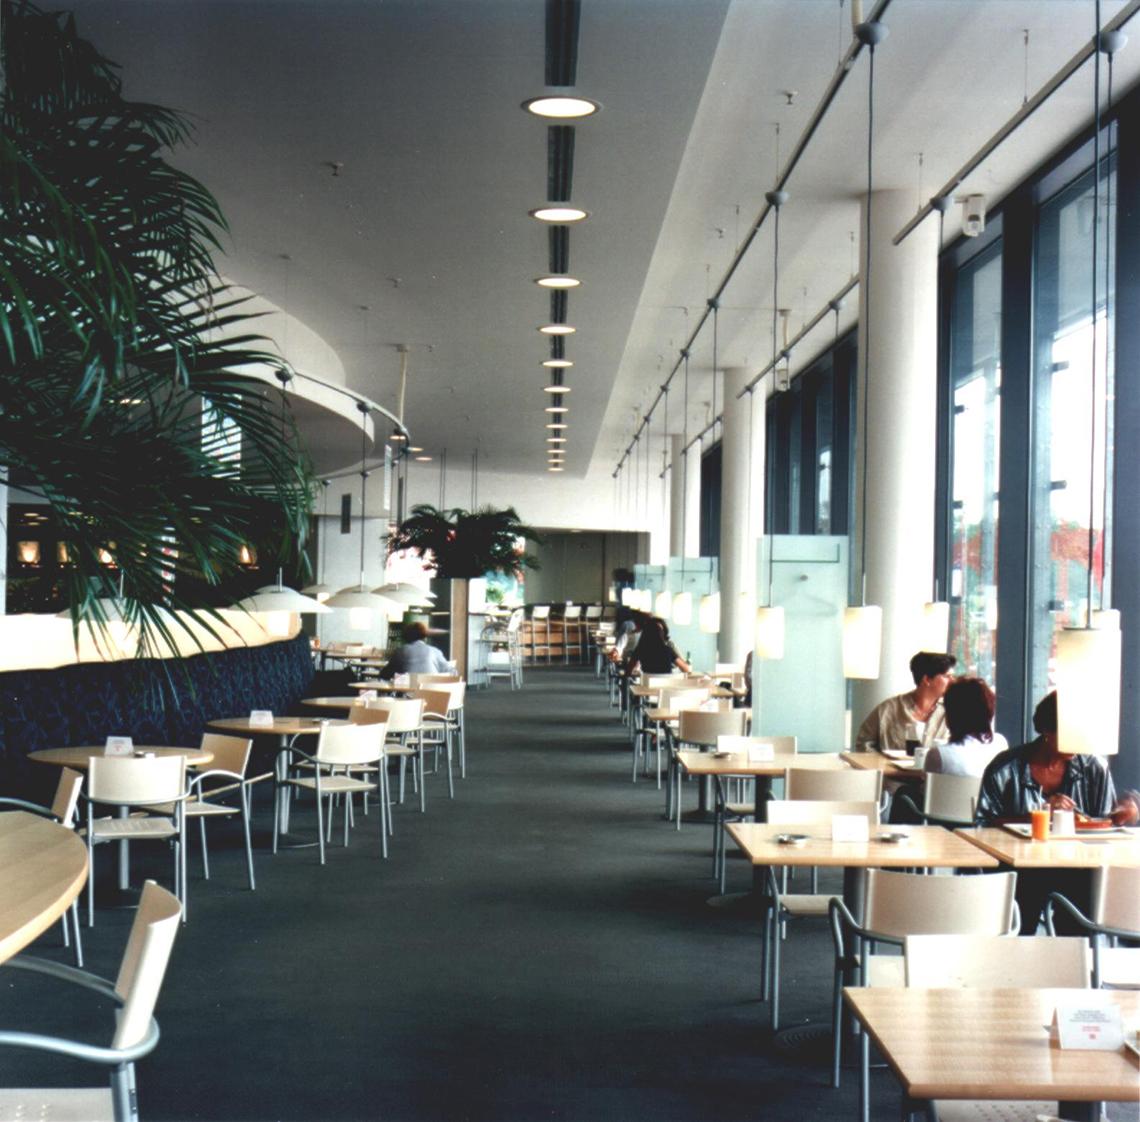 Mann Mobilia Mannheim öffnungszeiten : planfabrik sps mann mobilia mannheim ~ Eleganceandgraceweddings.com Haus und Dekorationen